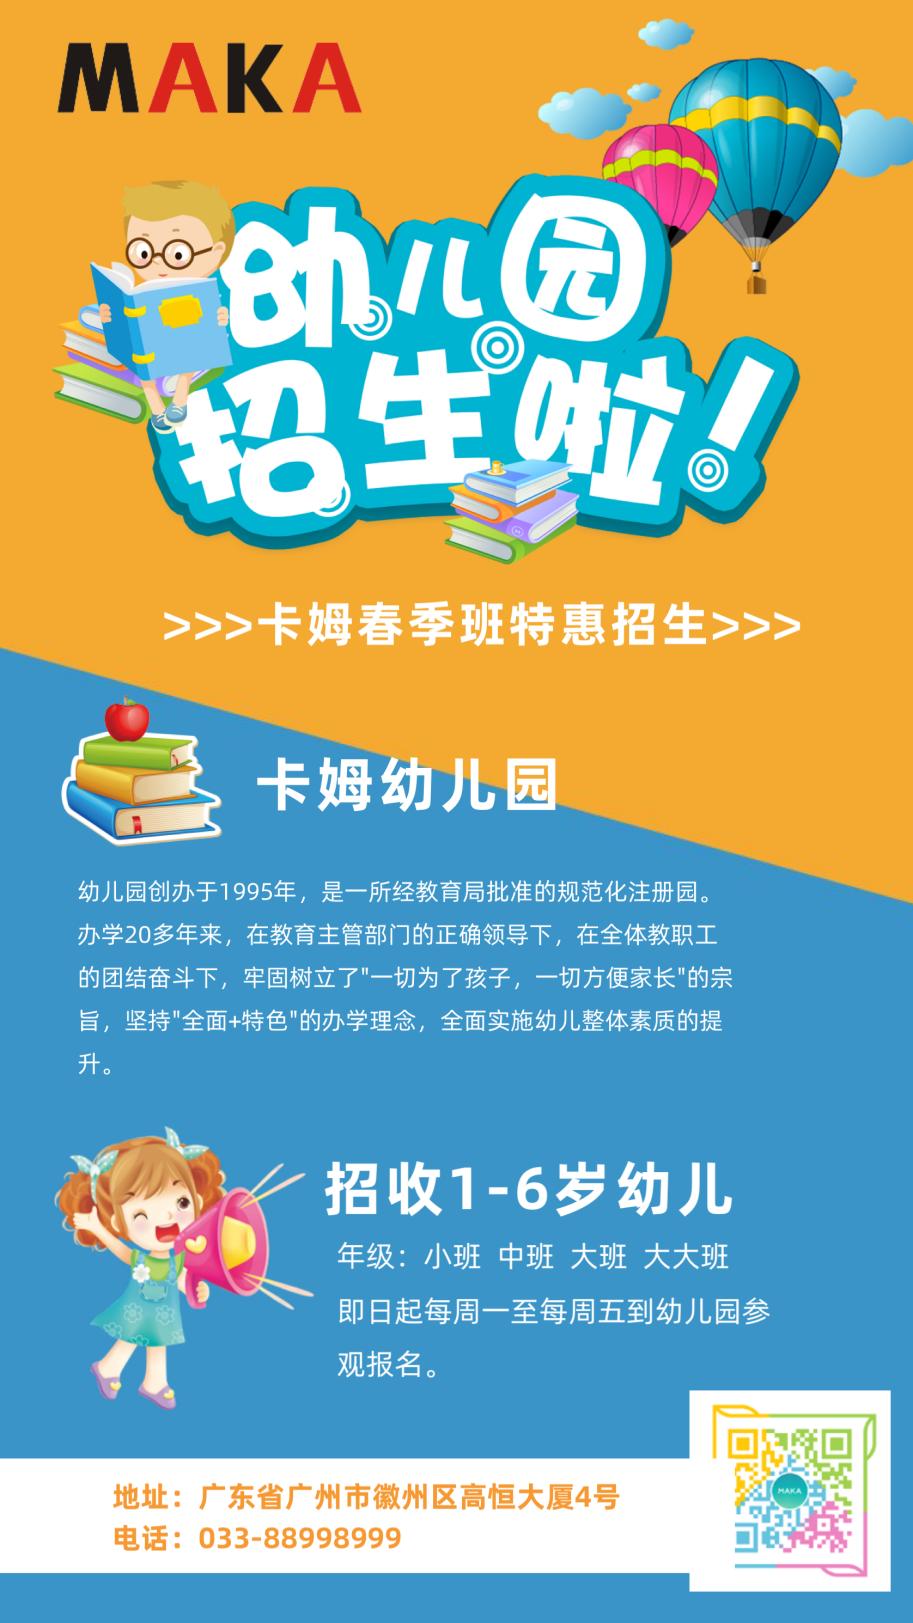 幼儿园招生海报怎么排版 幼儿园招生海报的设计技巧